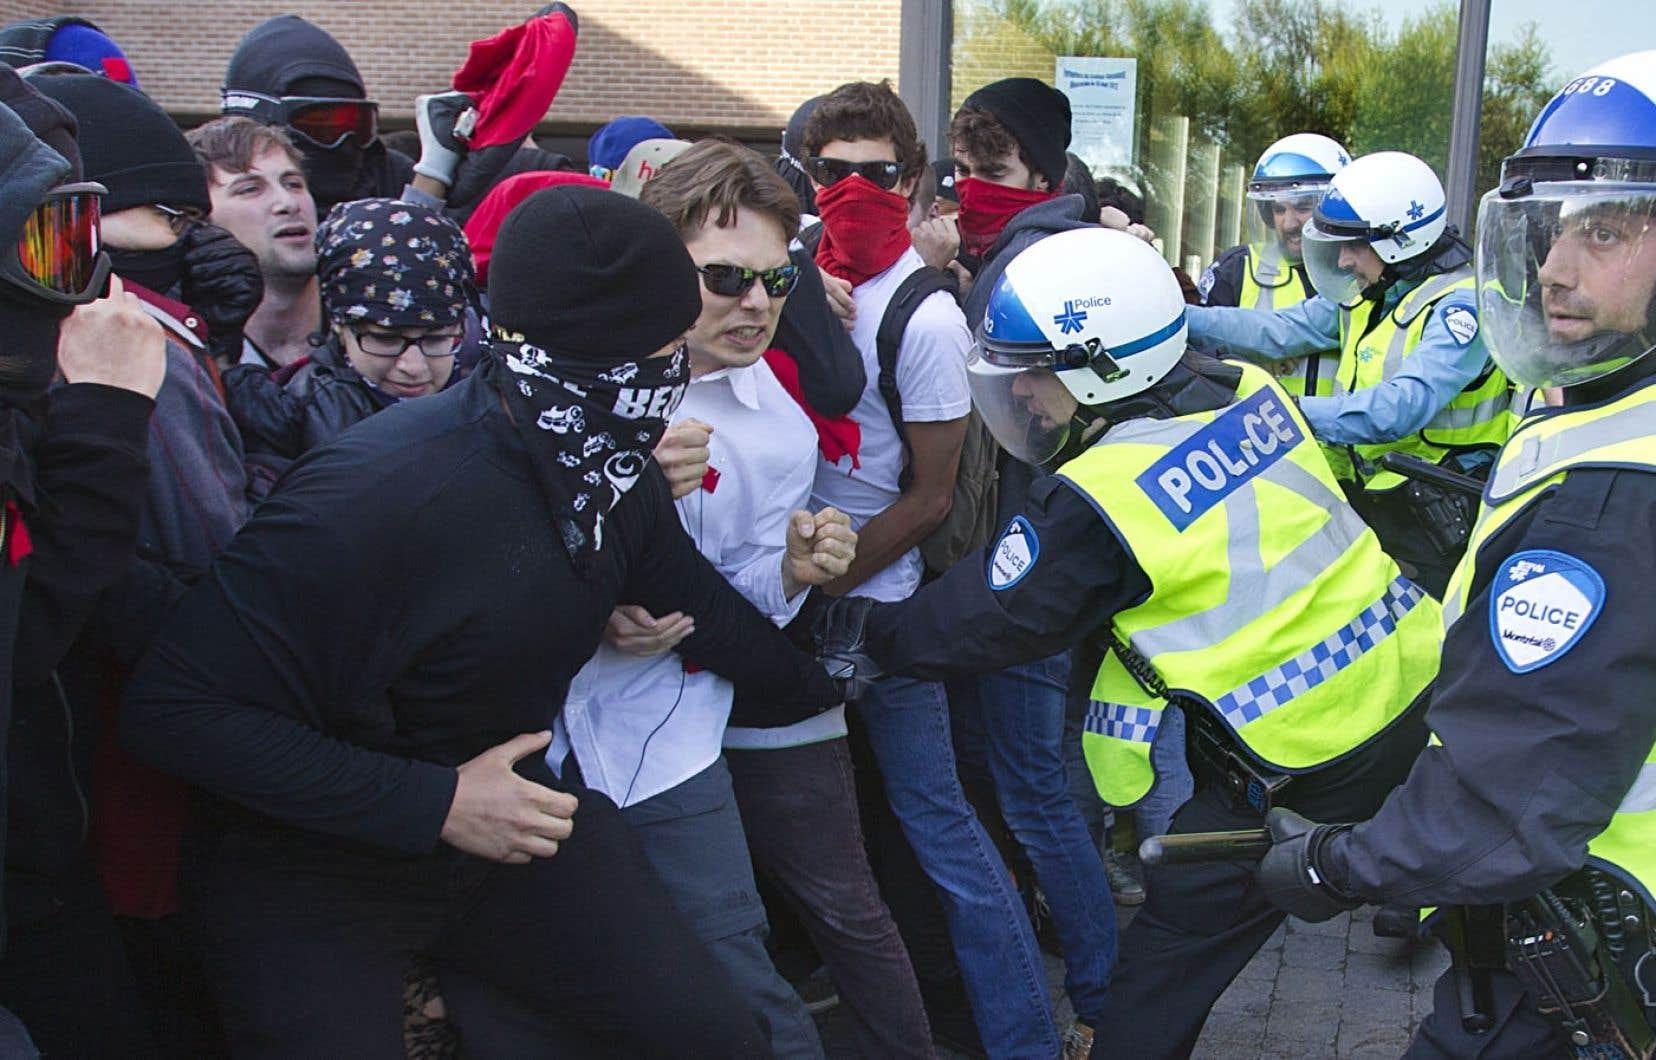 L'idée que la police concrétise la légitimation de la violence de l'État envers et contre tous trouve écho dans les événements du printemps érable.